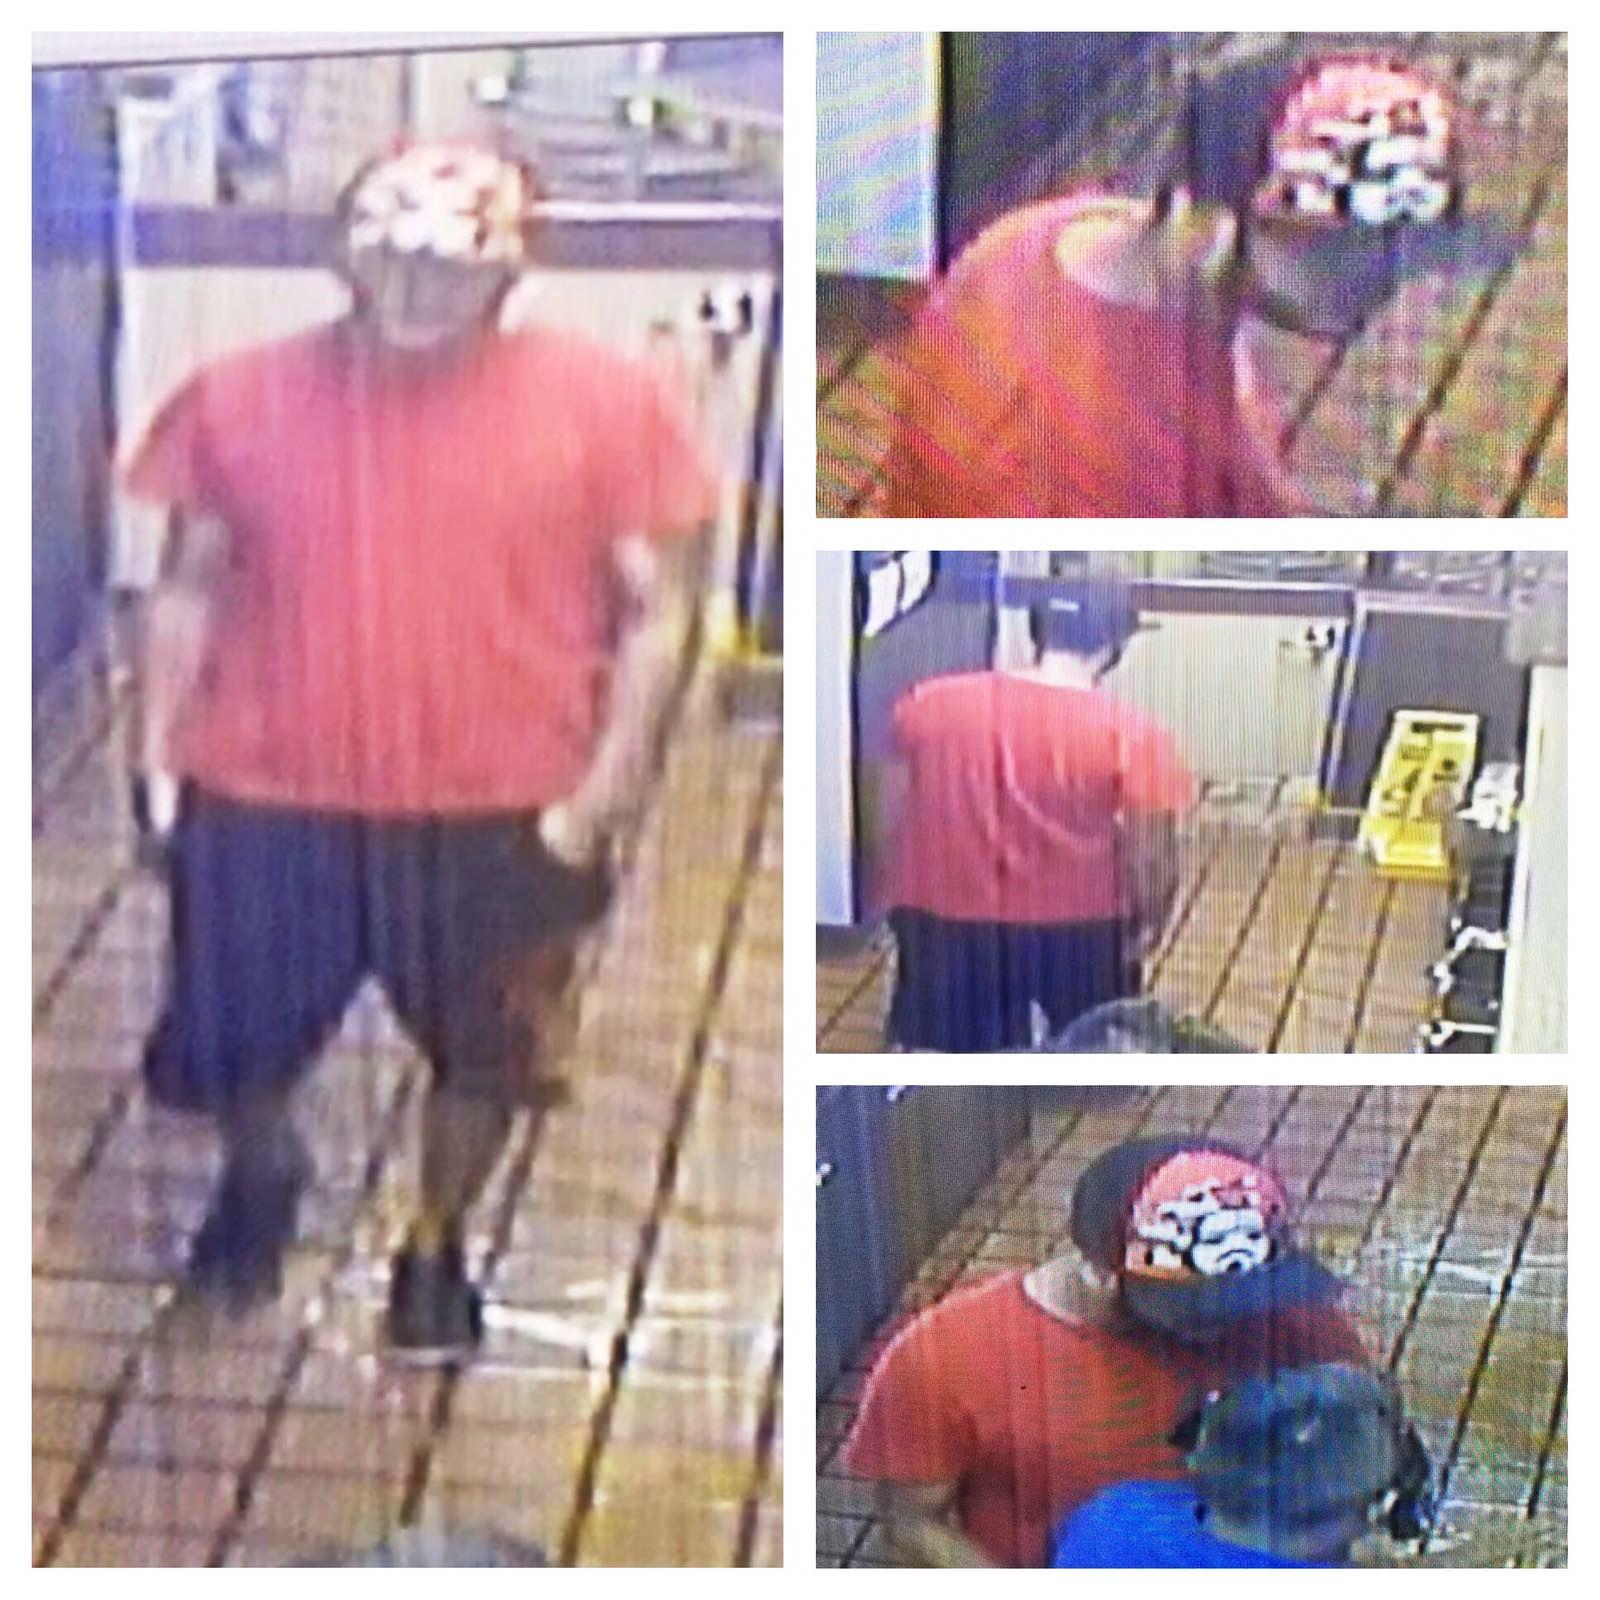 El ladrón intentó ocultar su rostro de la cámaras de seguridad usando su gorra (Suministrada/Policía).